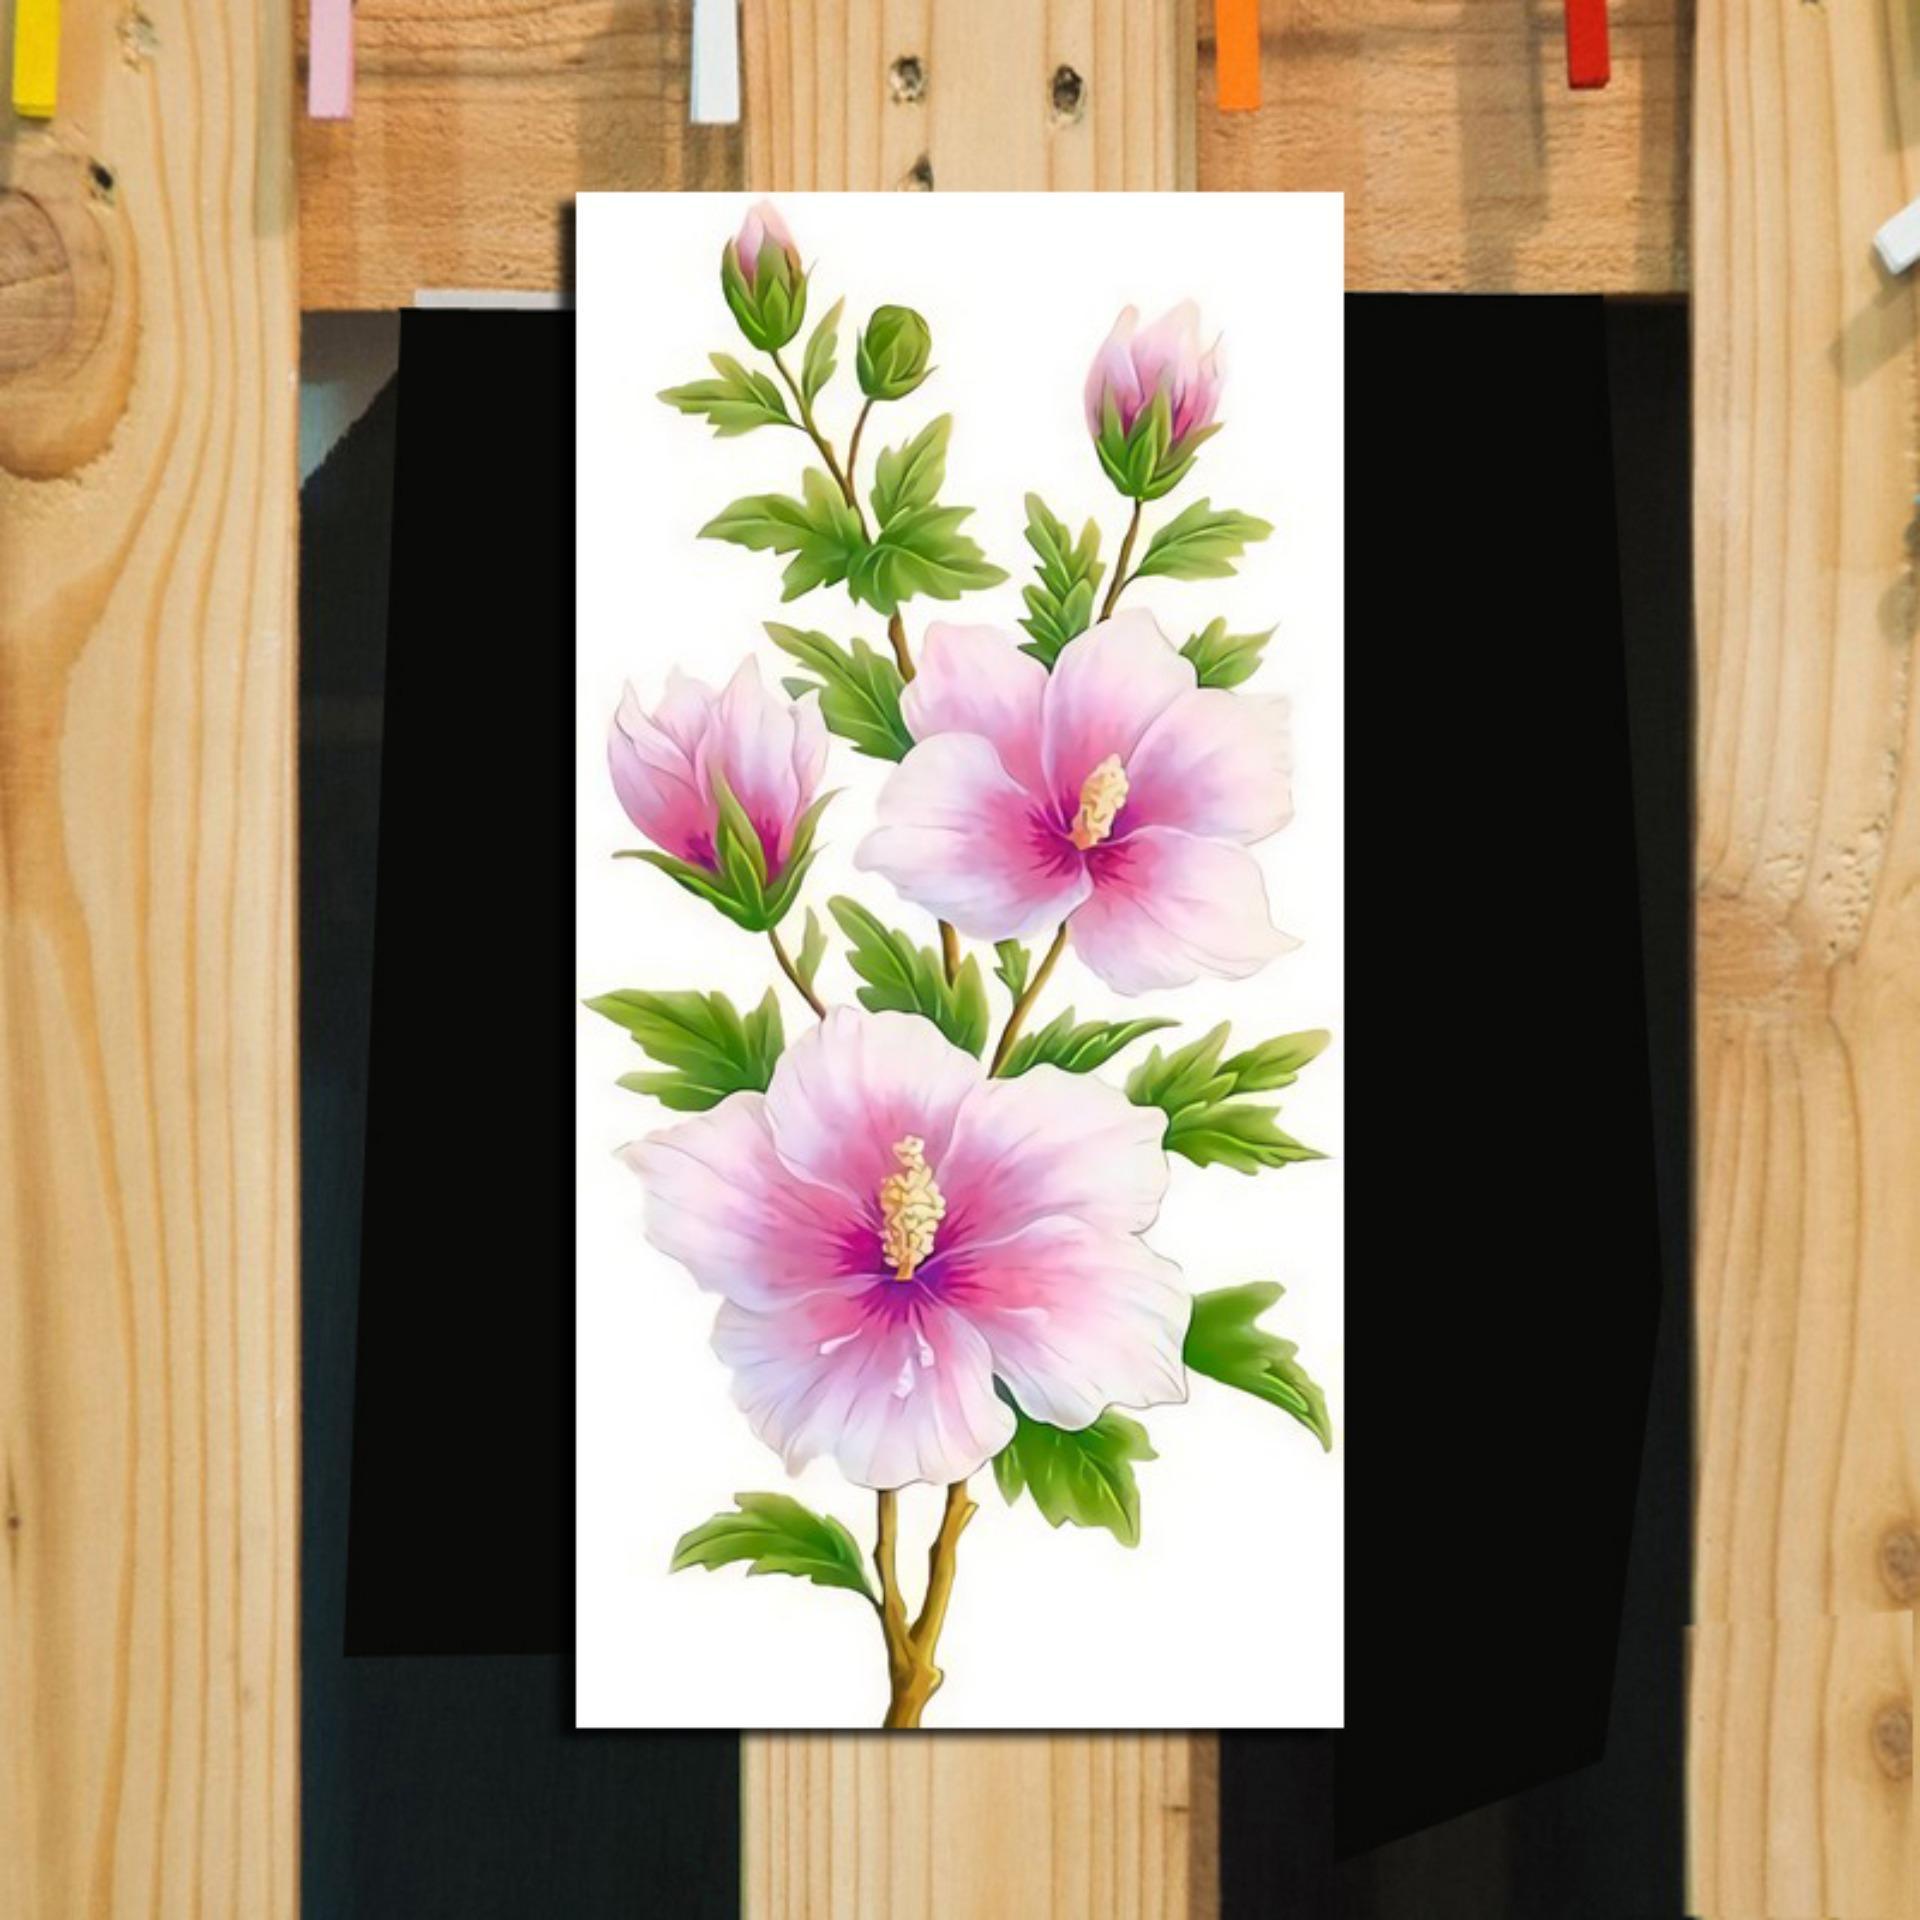 Hiasan Dinding / Poster Kayu / Wall Decor / Dekorasi Rumah / Hiasan Kamar / Hiasan